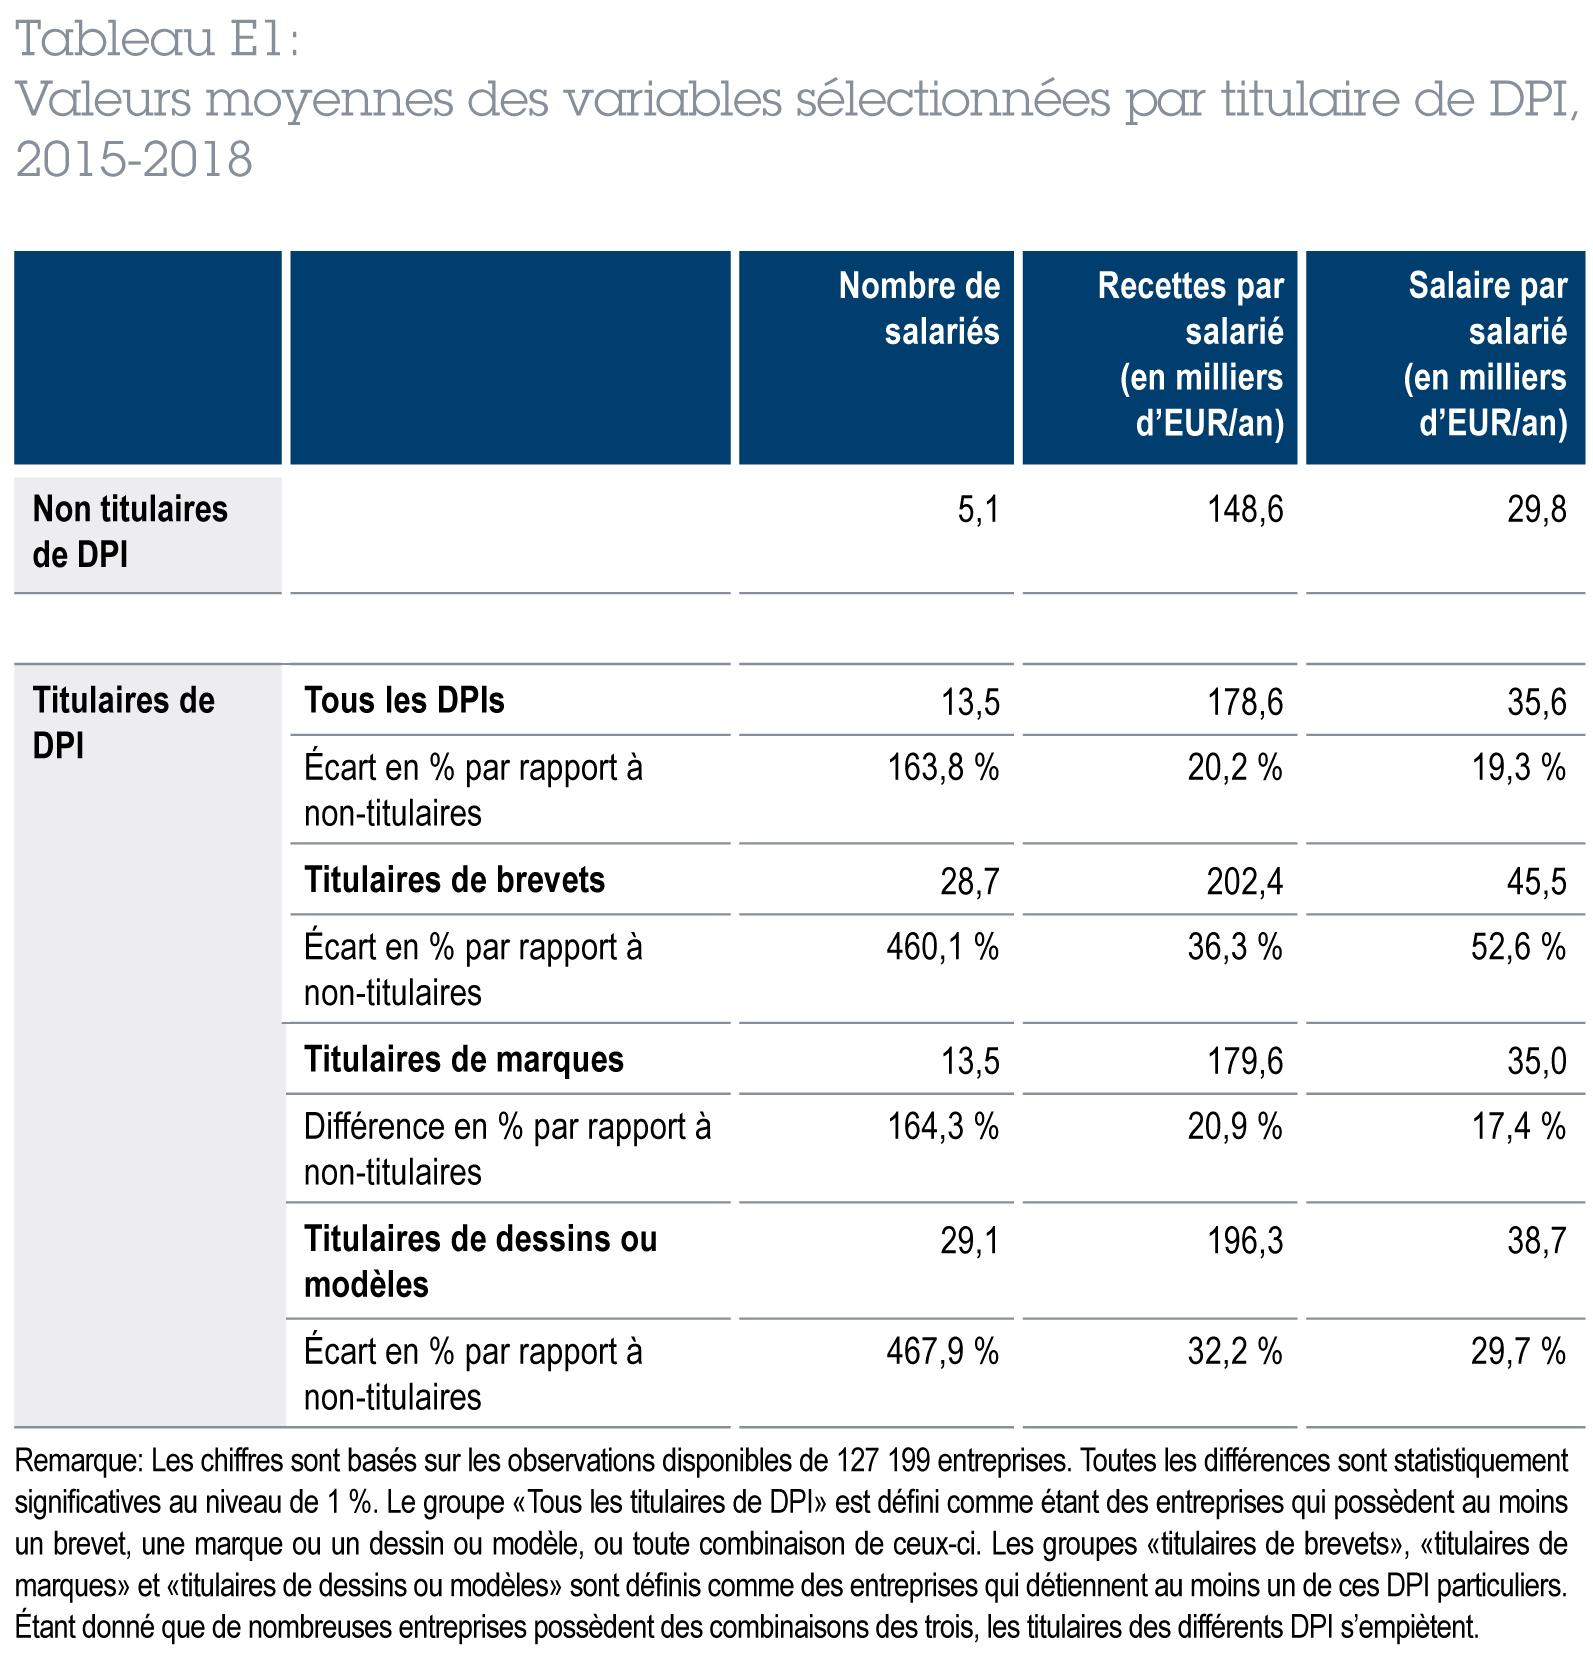 Valeurs moyennes des variables sélectionnées par titulaire de DPI, 2015-2018